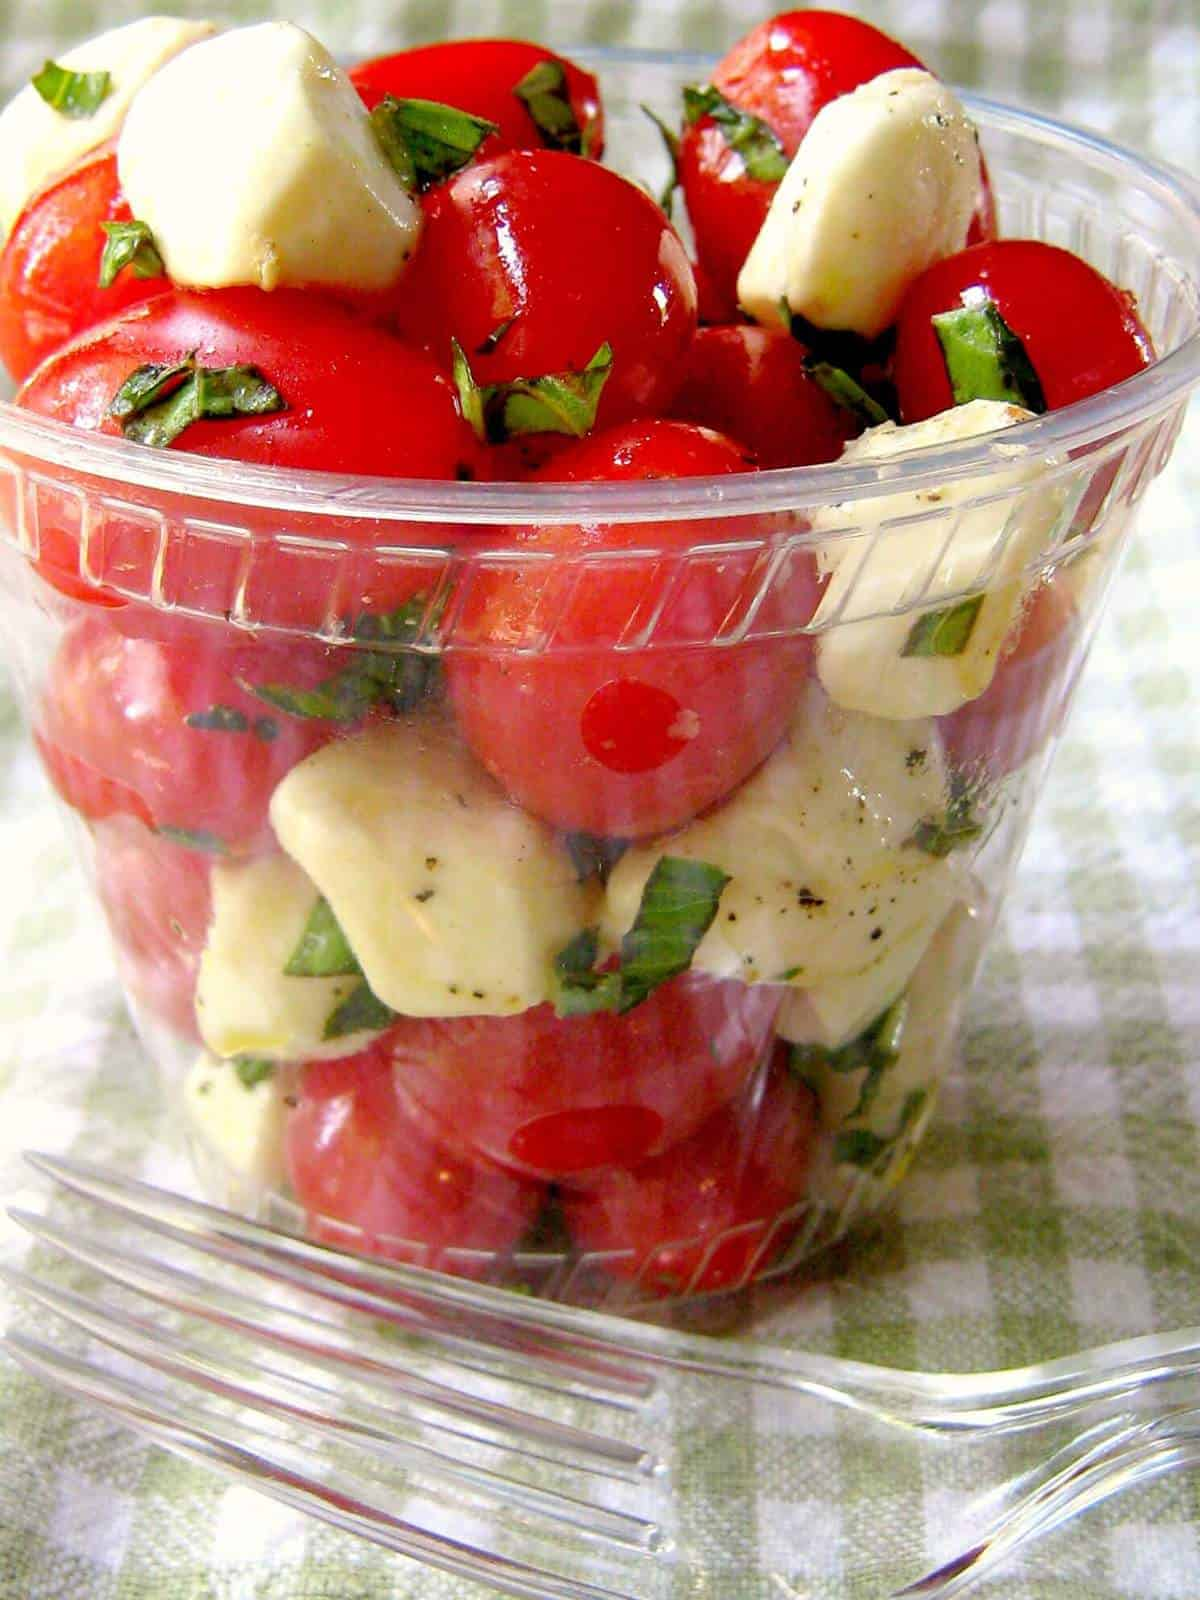 Picnic Tomato Caprese Cups